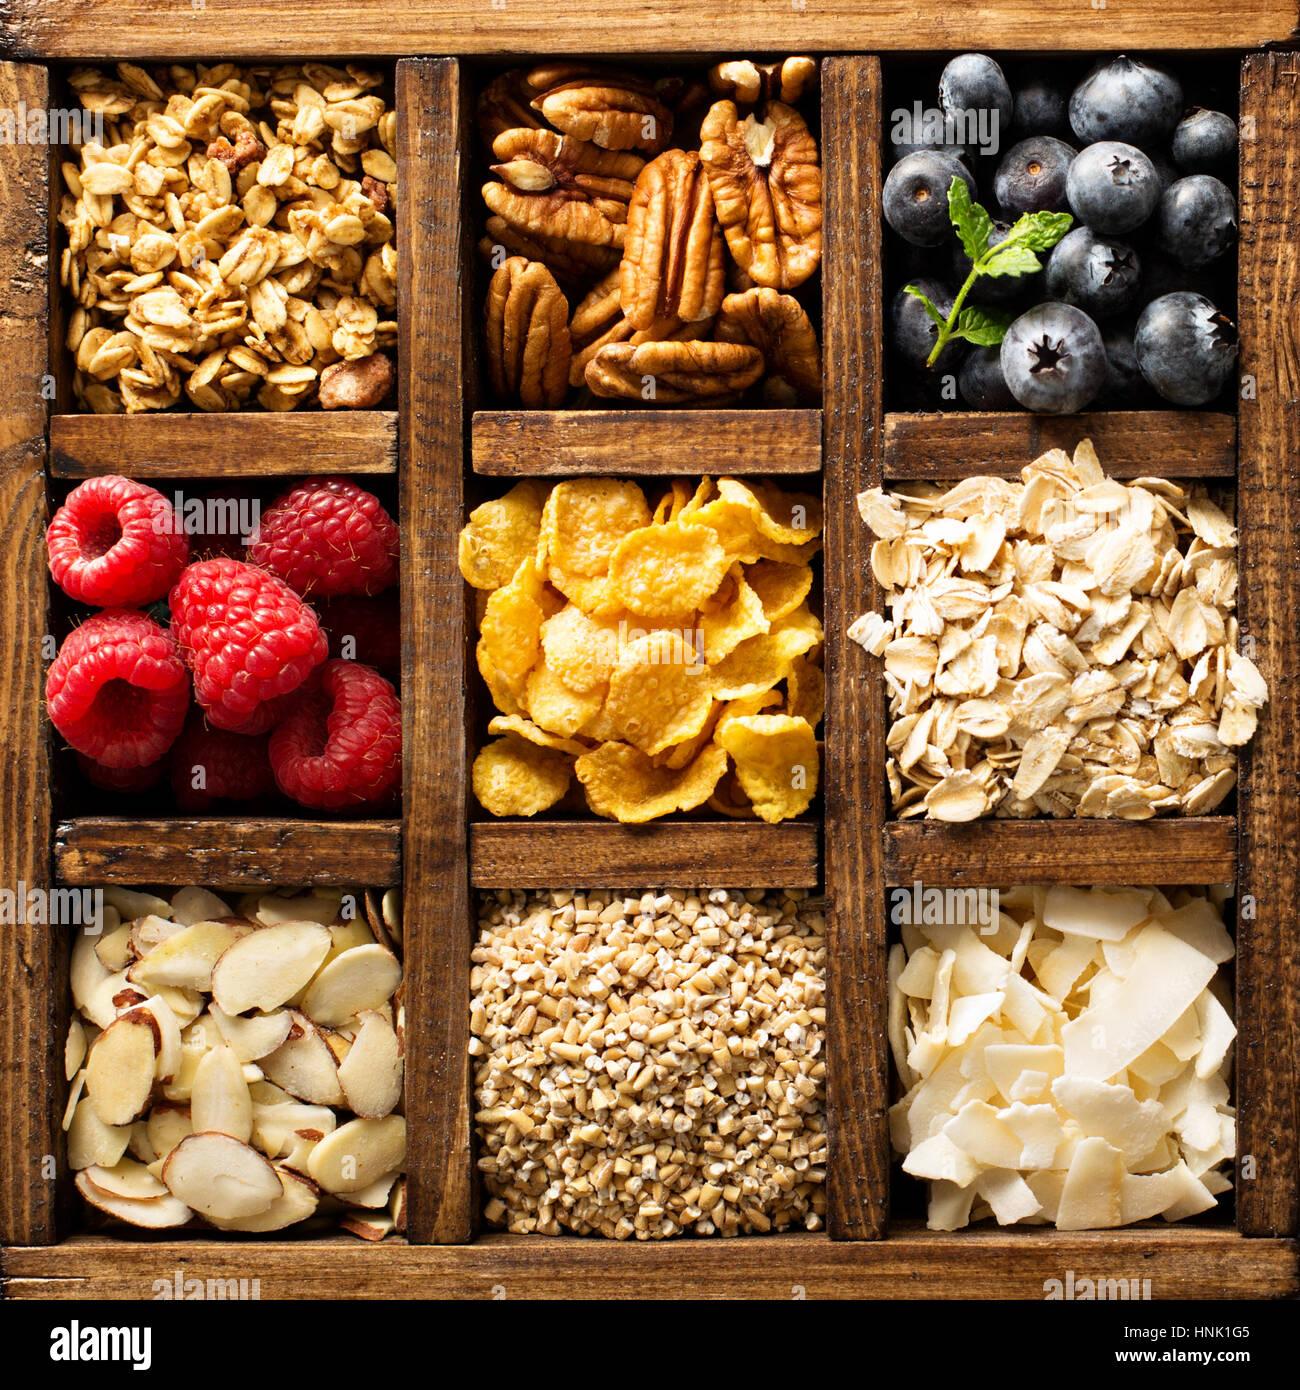 Für das Frühstück, Hafer, Getreide und Früchte in einer Holzkiste Überkopf-Aufnahme Stockbild